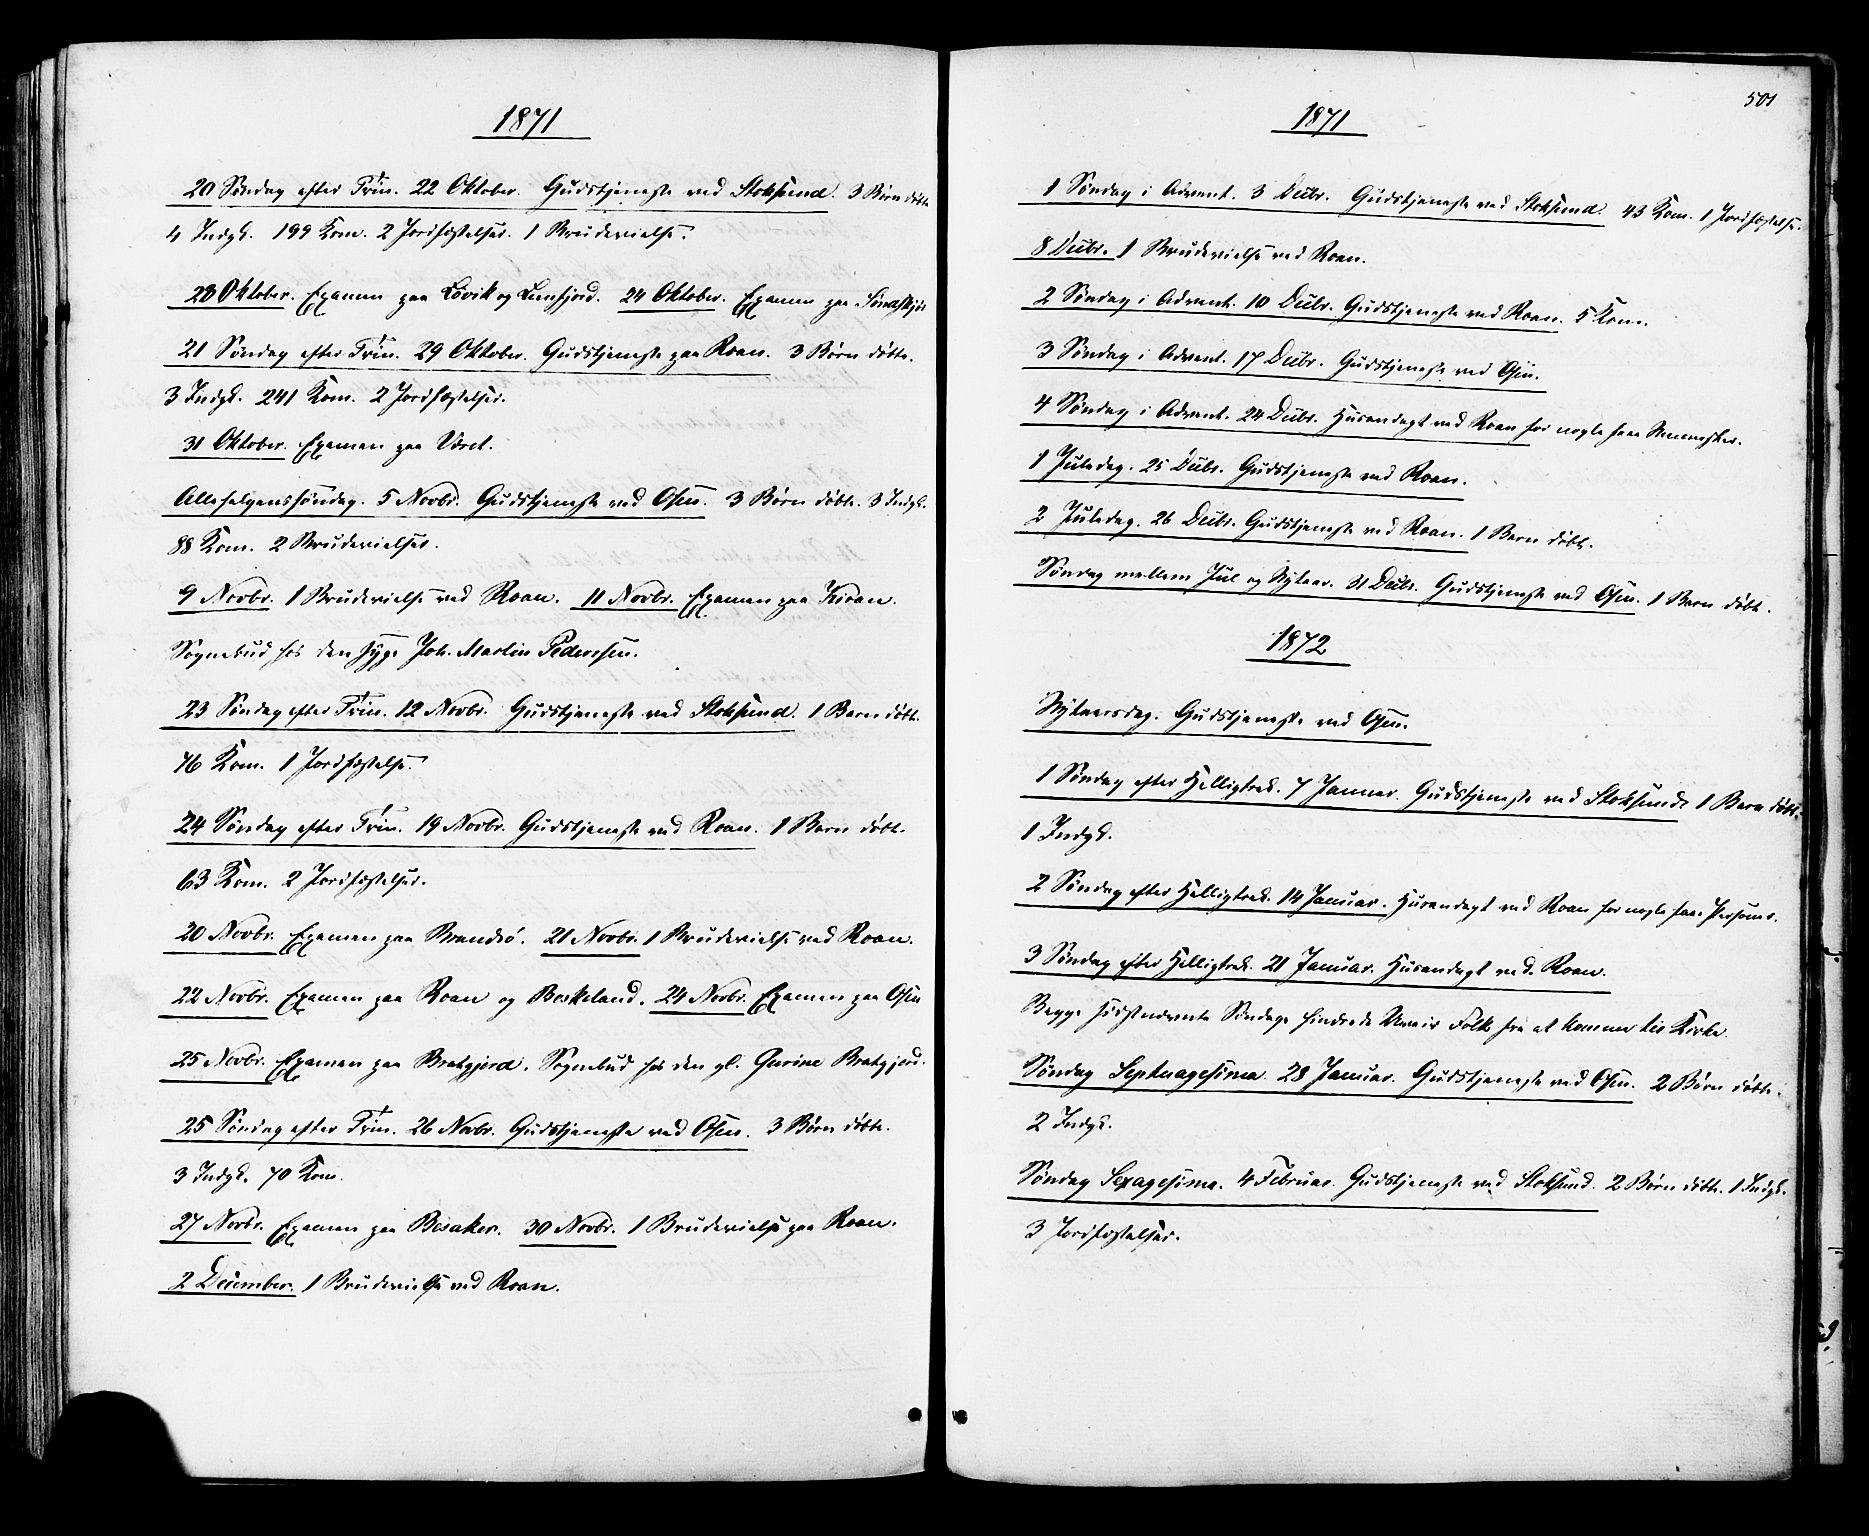 SAT, Ministerialprotokoller, klokkerbøker og fødselsregistre - Sør-Trøndelag, 657/L0706: Ministerialbok nr. 657A07, 1867-1878, s. 501